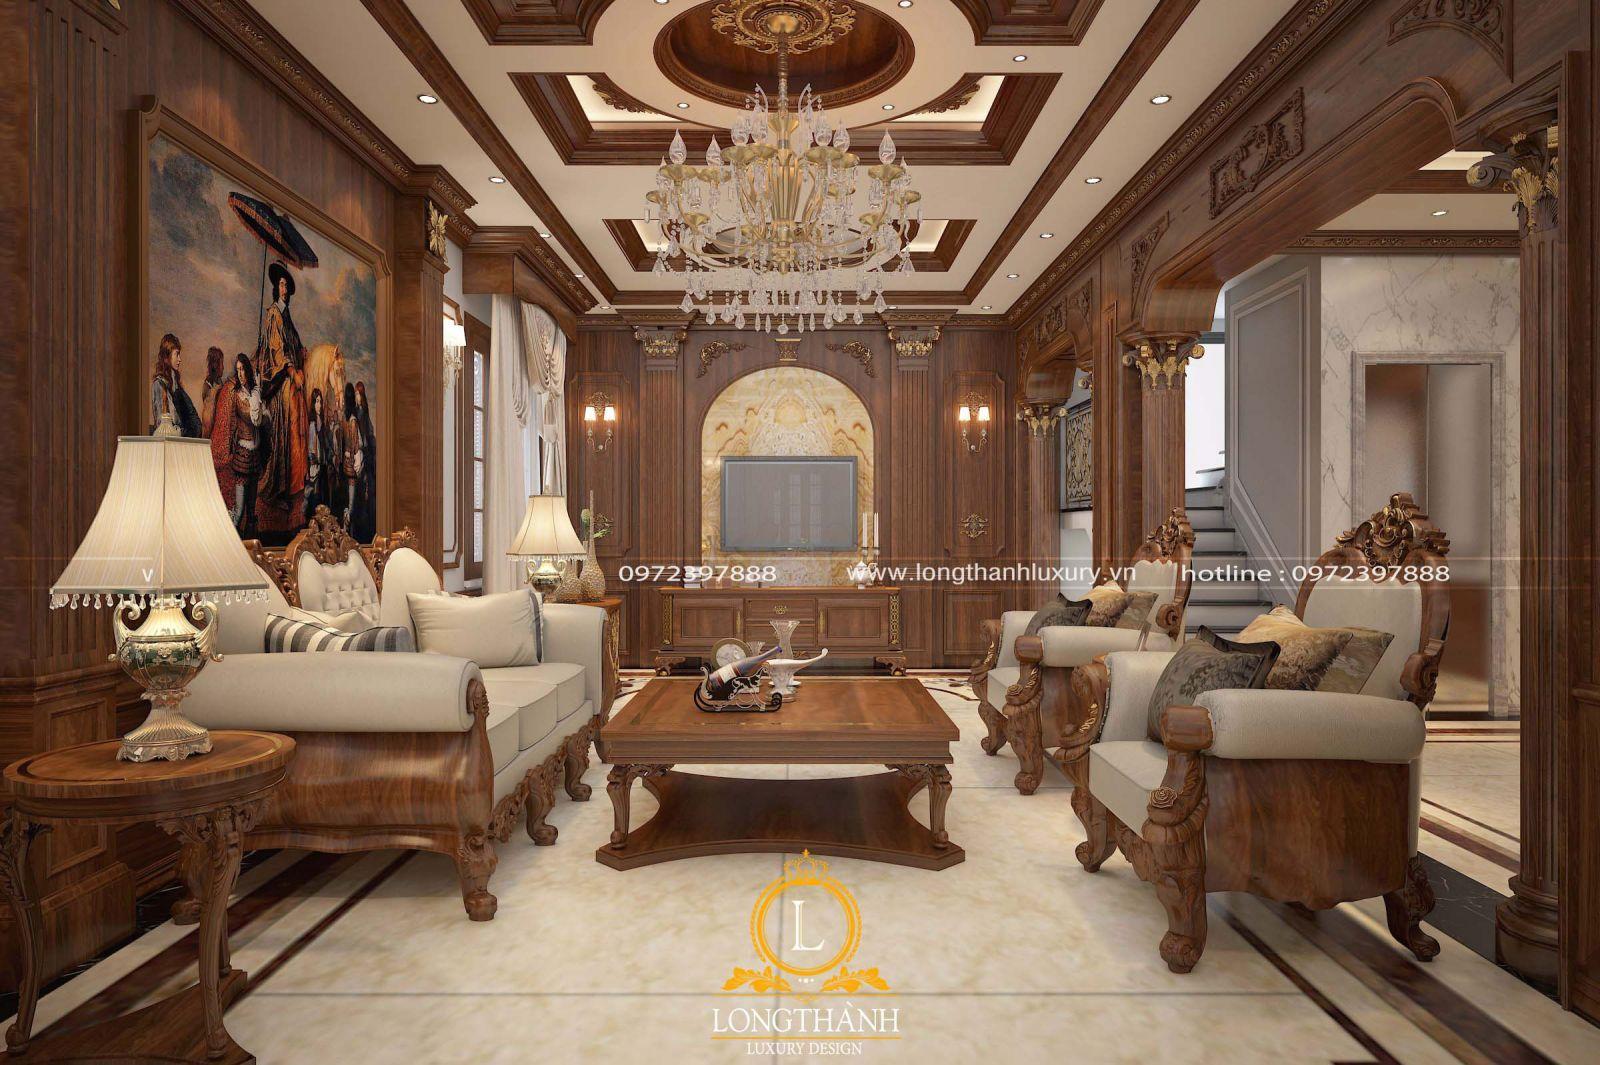 Bộ sofa tân cổ điển với gam màu nâu trầm ấn tượng trong phòng khách